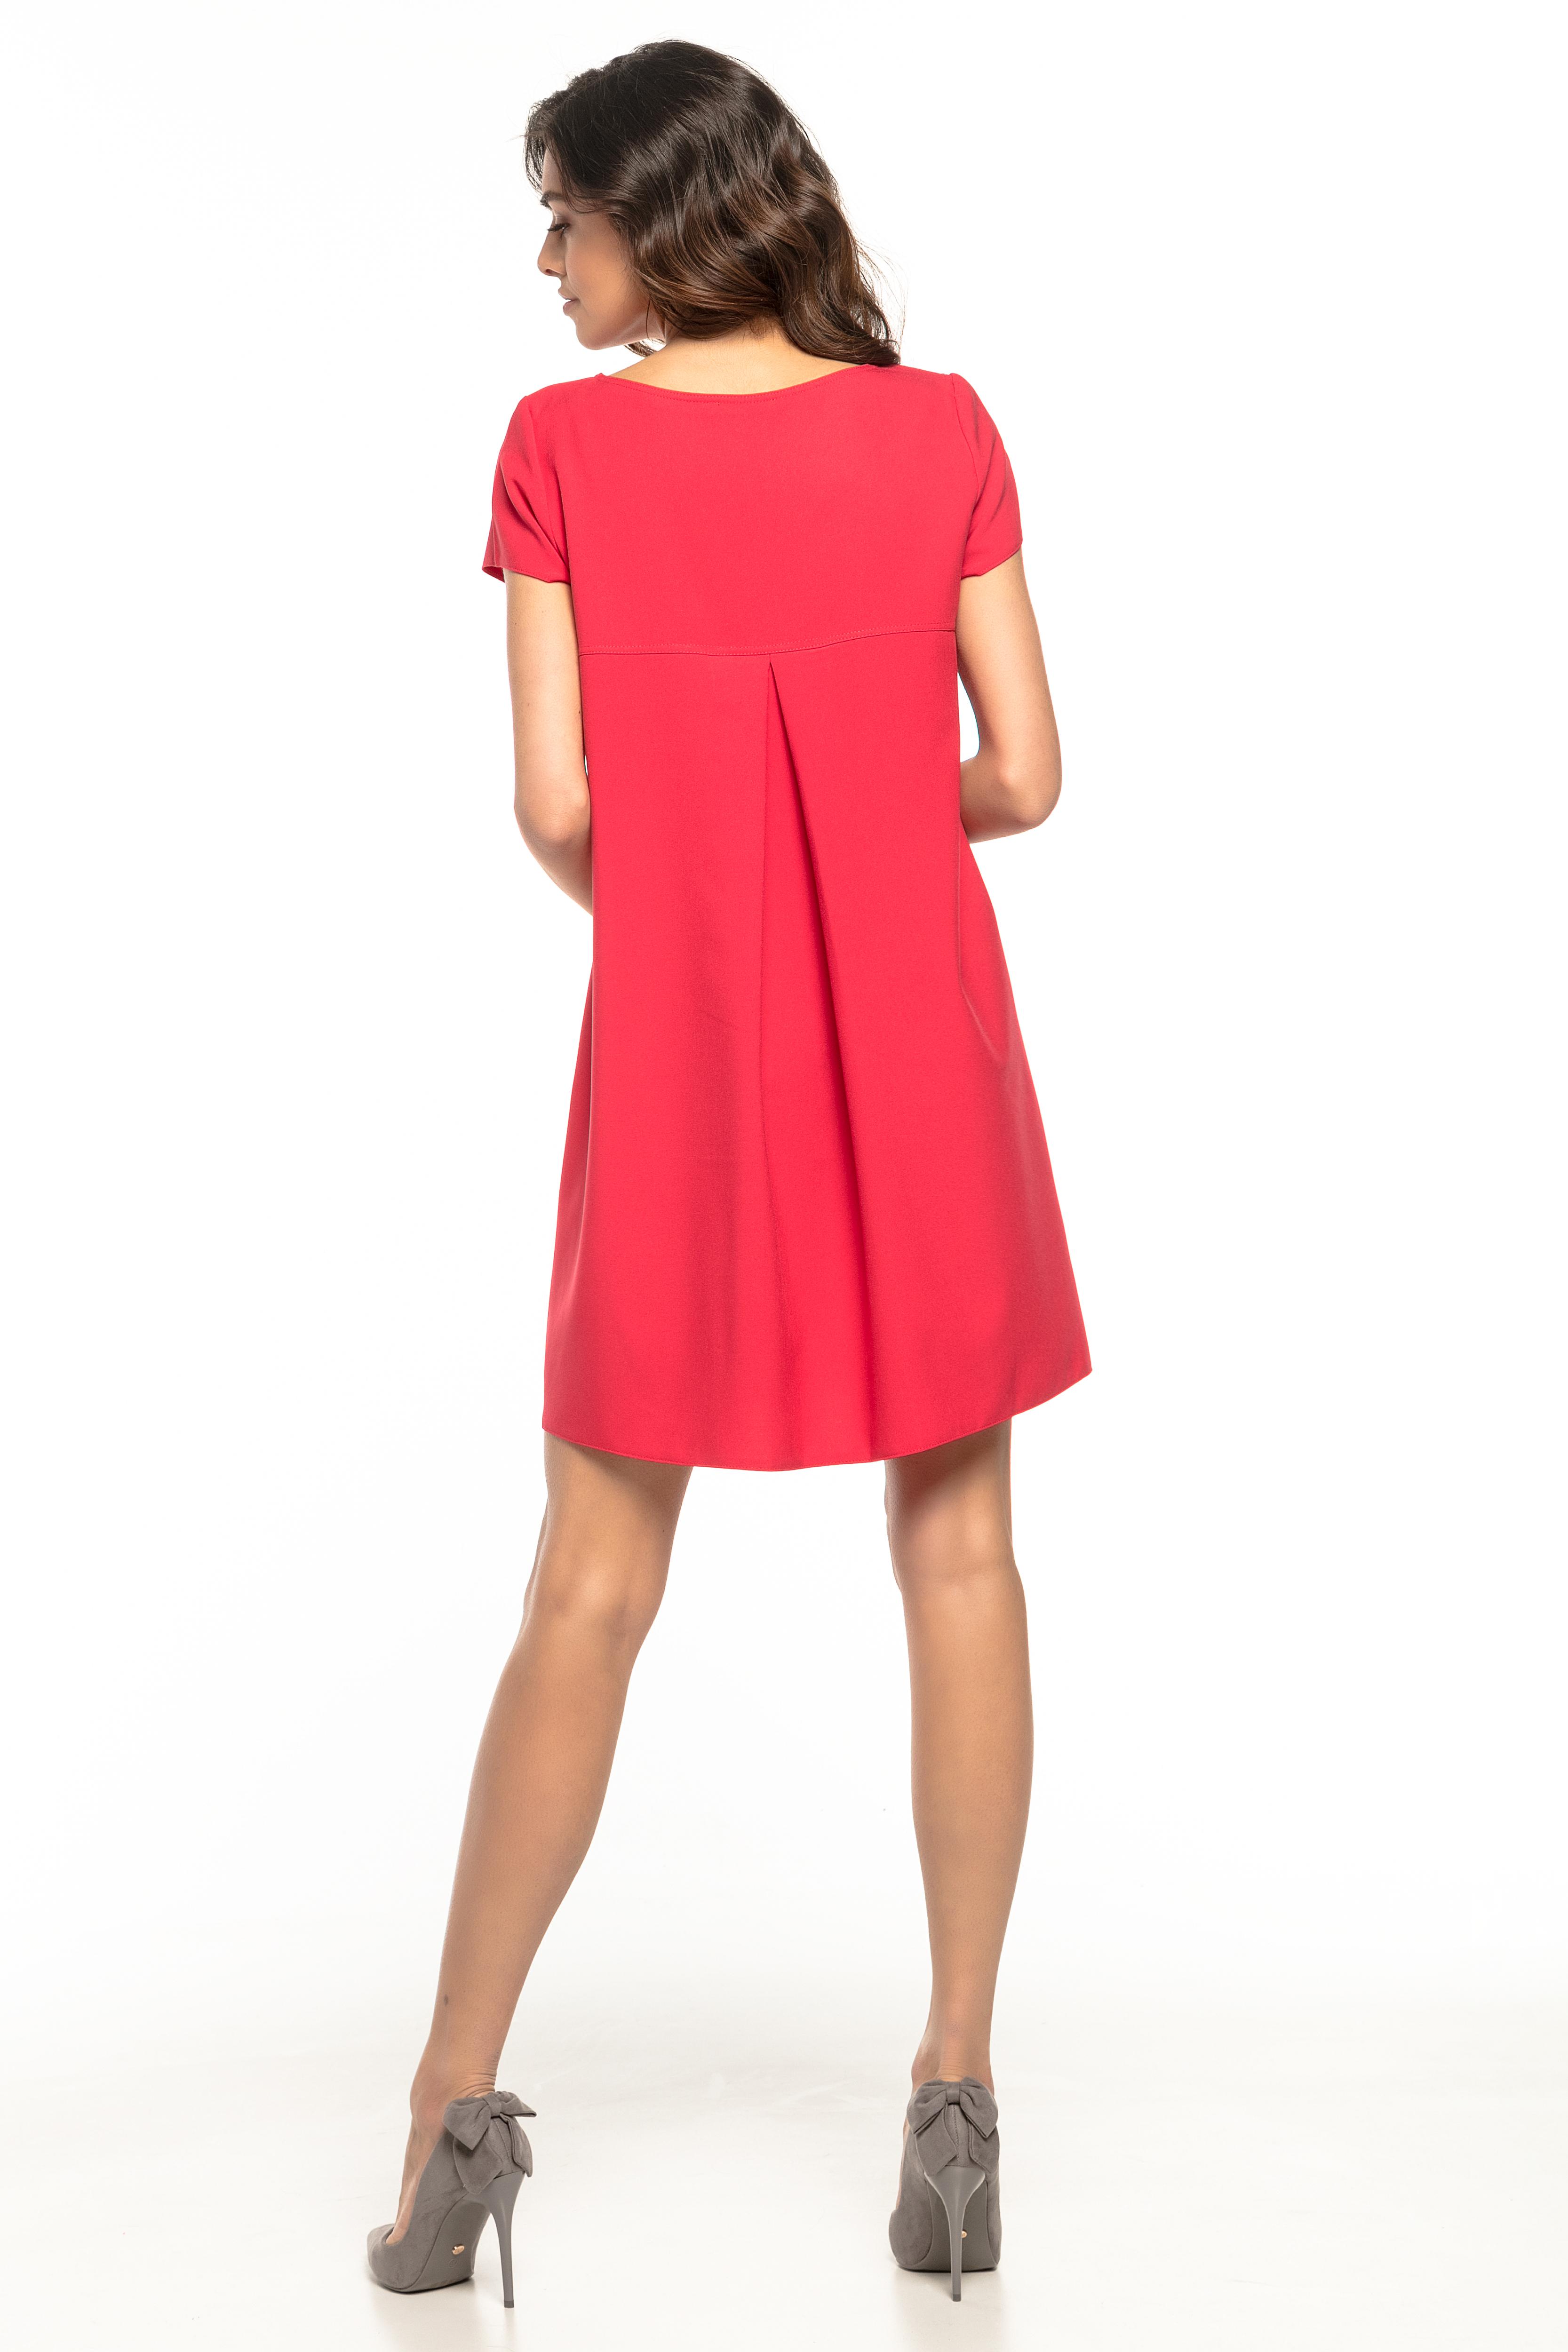 0a12755521 Sukienka trapezowa elegancka czerwona - tania dostawa już od 5